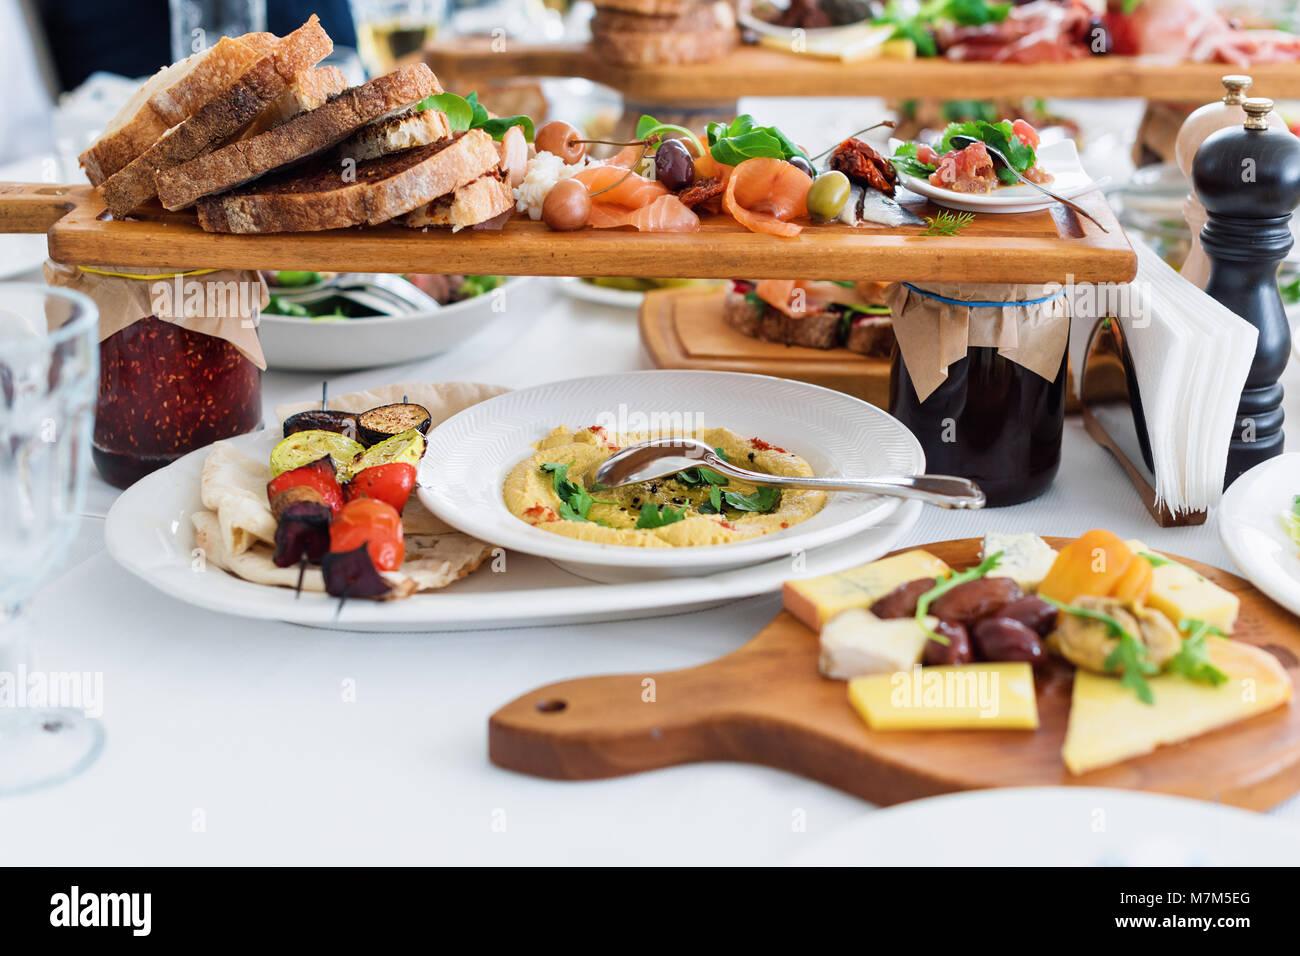 1915e728a2 Leckeres Essen. Verschiedene Mahlzeiten für die Gäste auf den Tisch im  Restaurant. Gesunde mediterrane Küche.